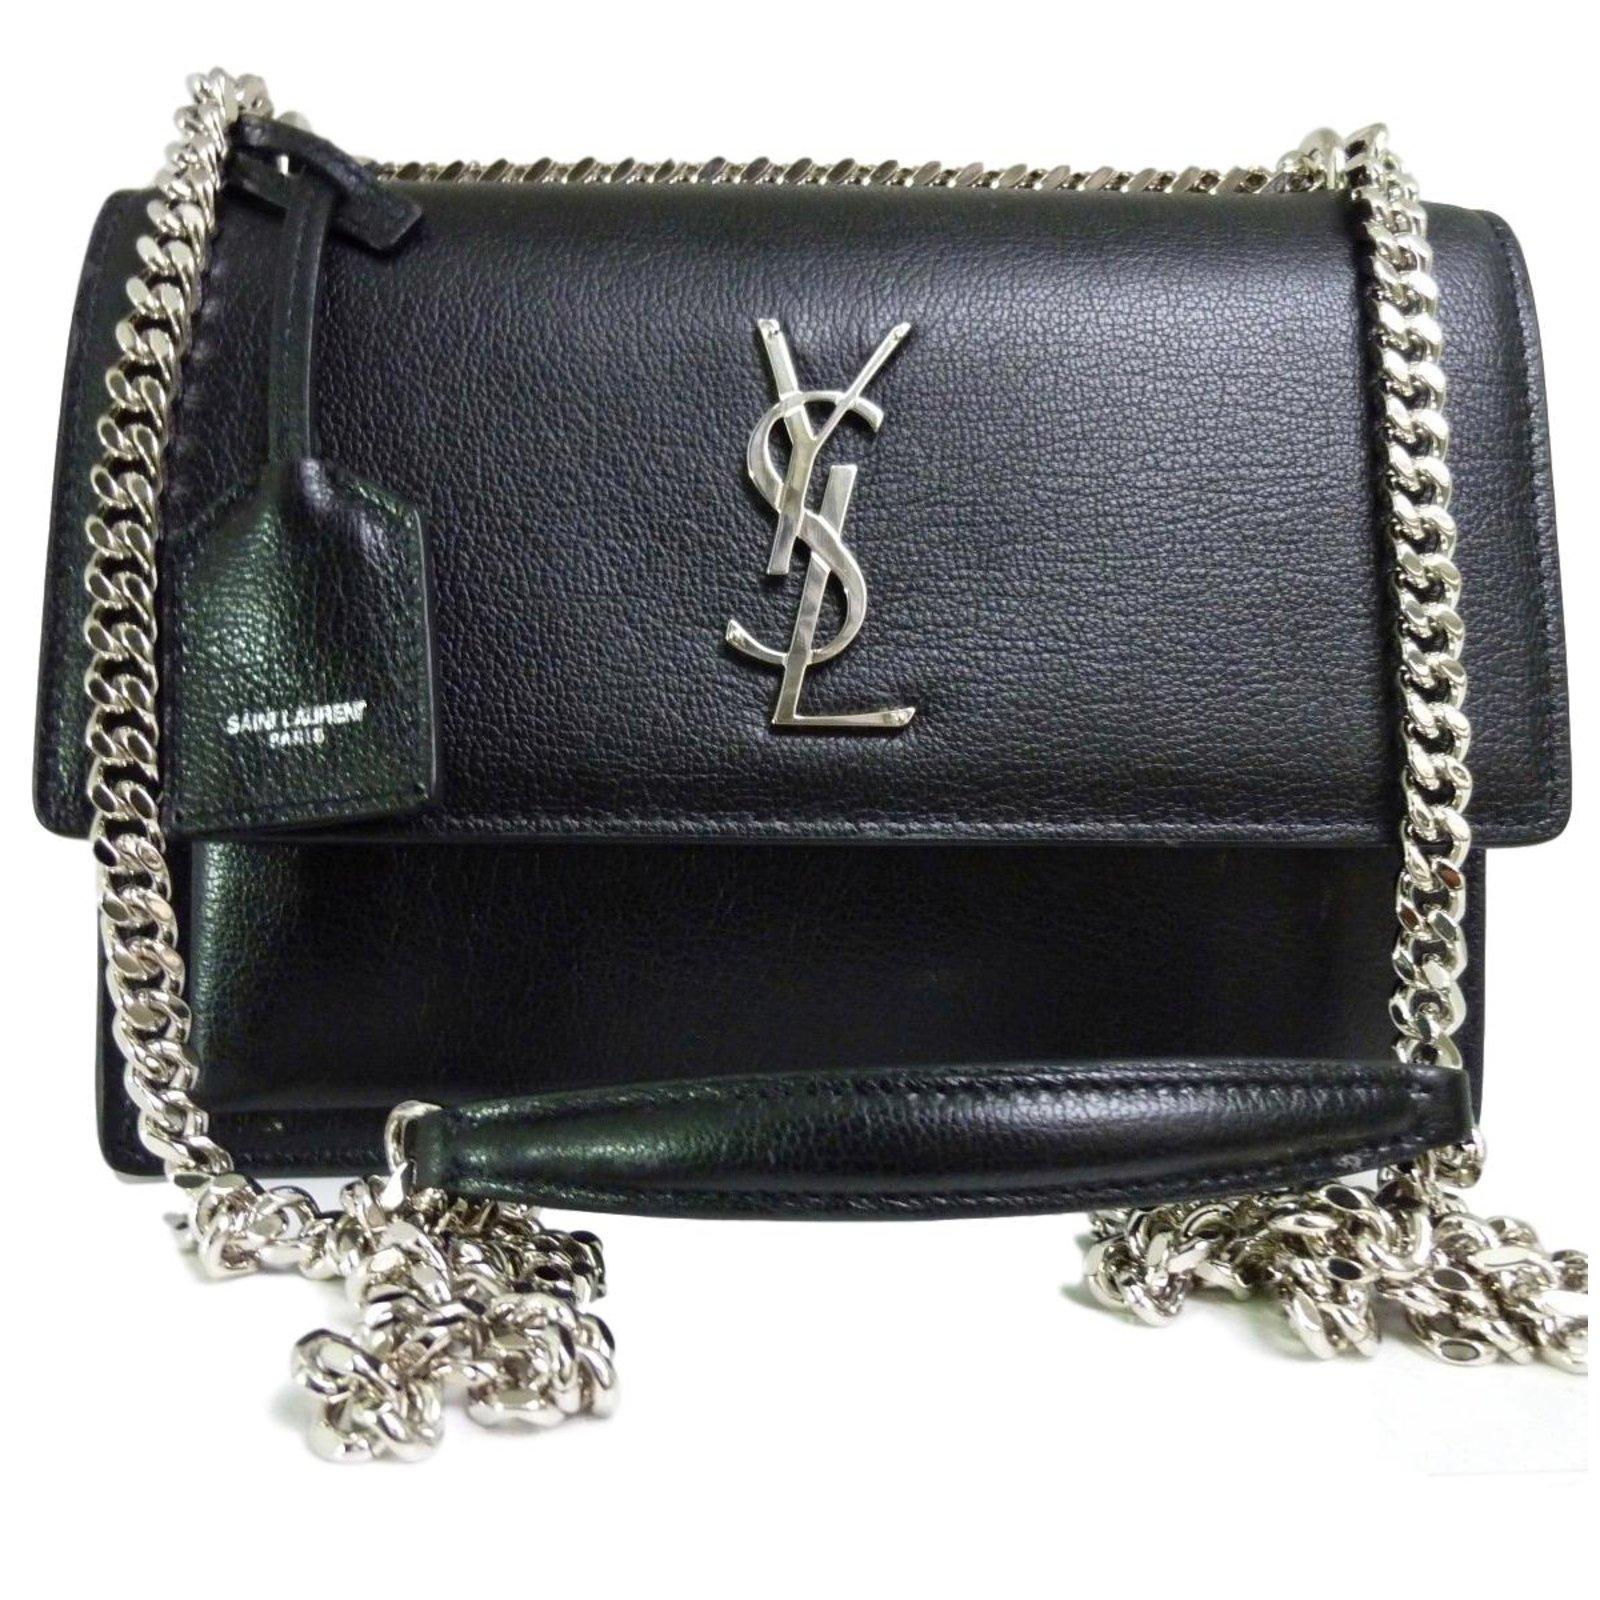 75ec954bf3 Yves Saint Laurent Sunset Bag Handbags Leather Black ref.71264 ...